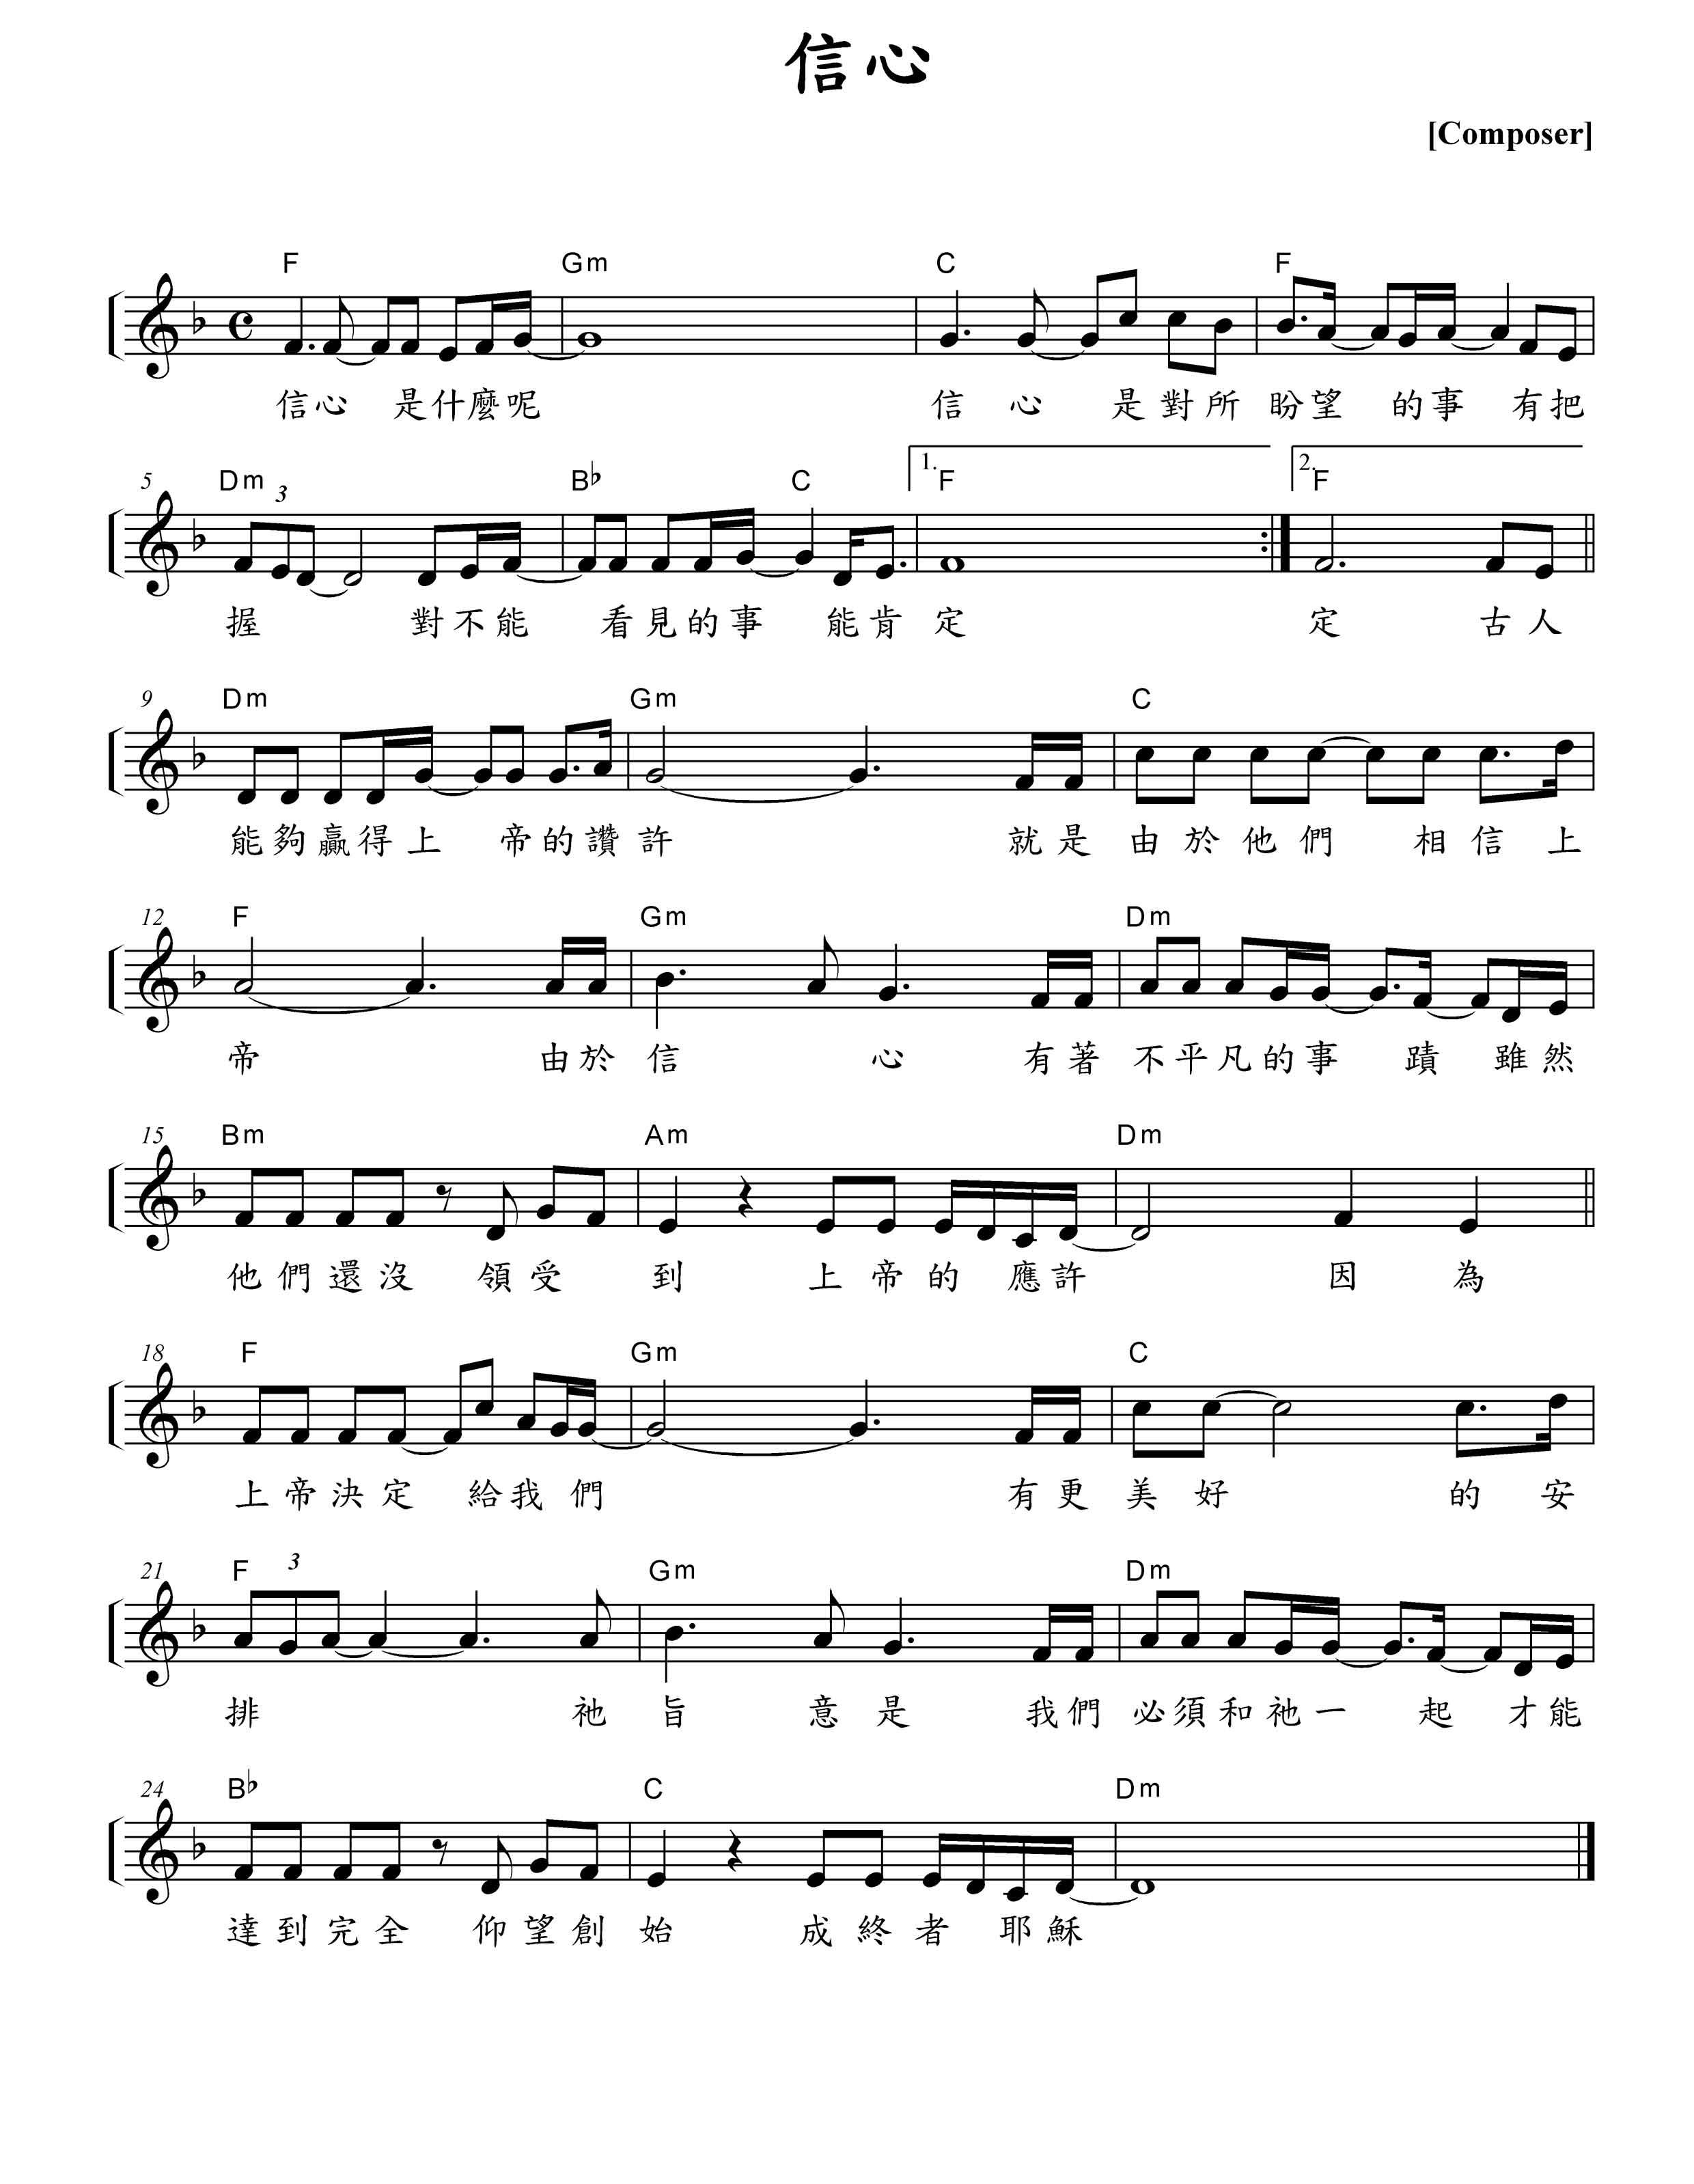 《信心 官方和弦五线谱》